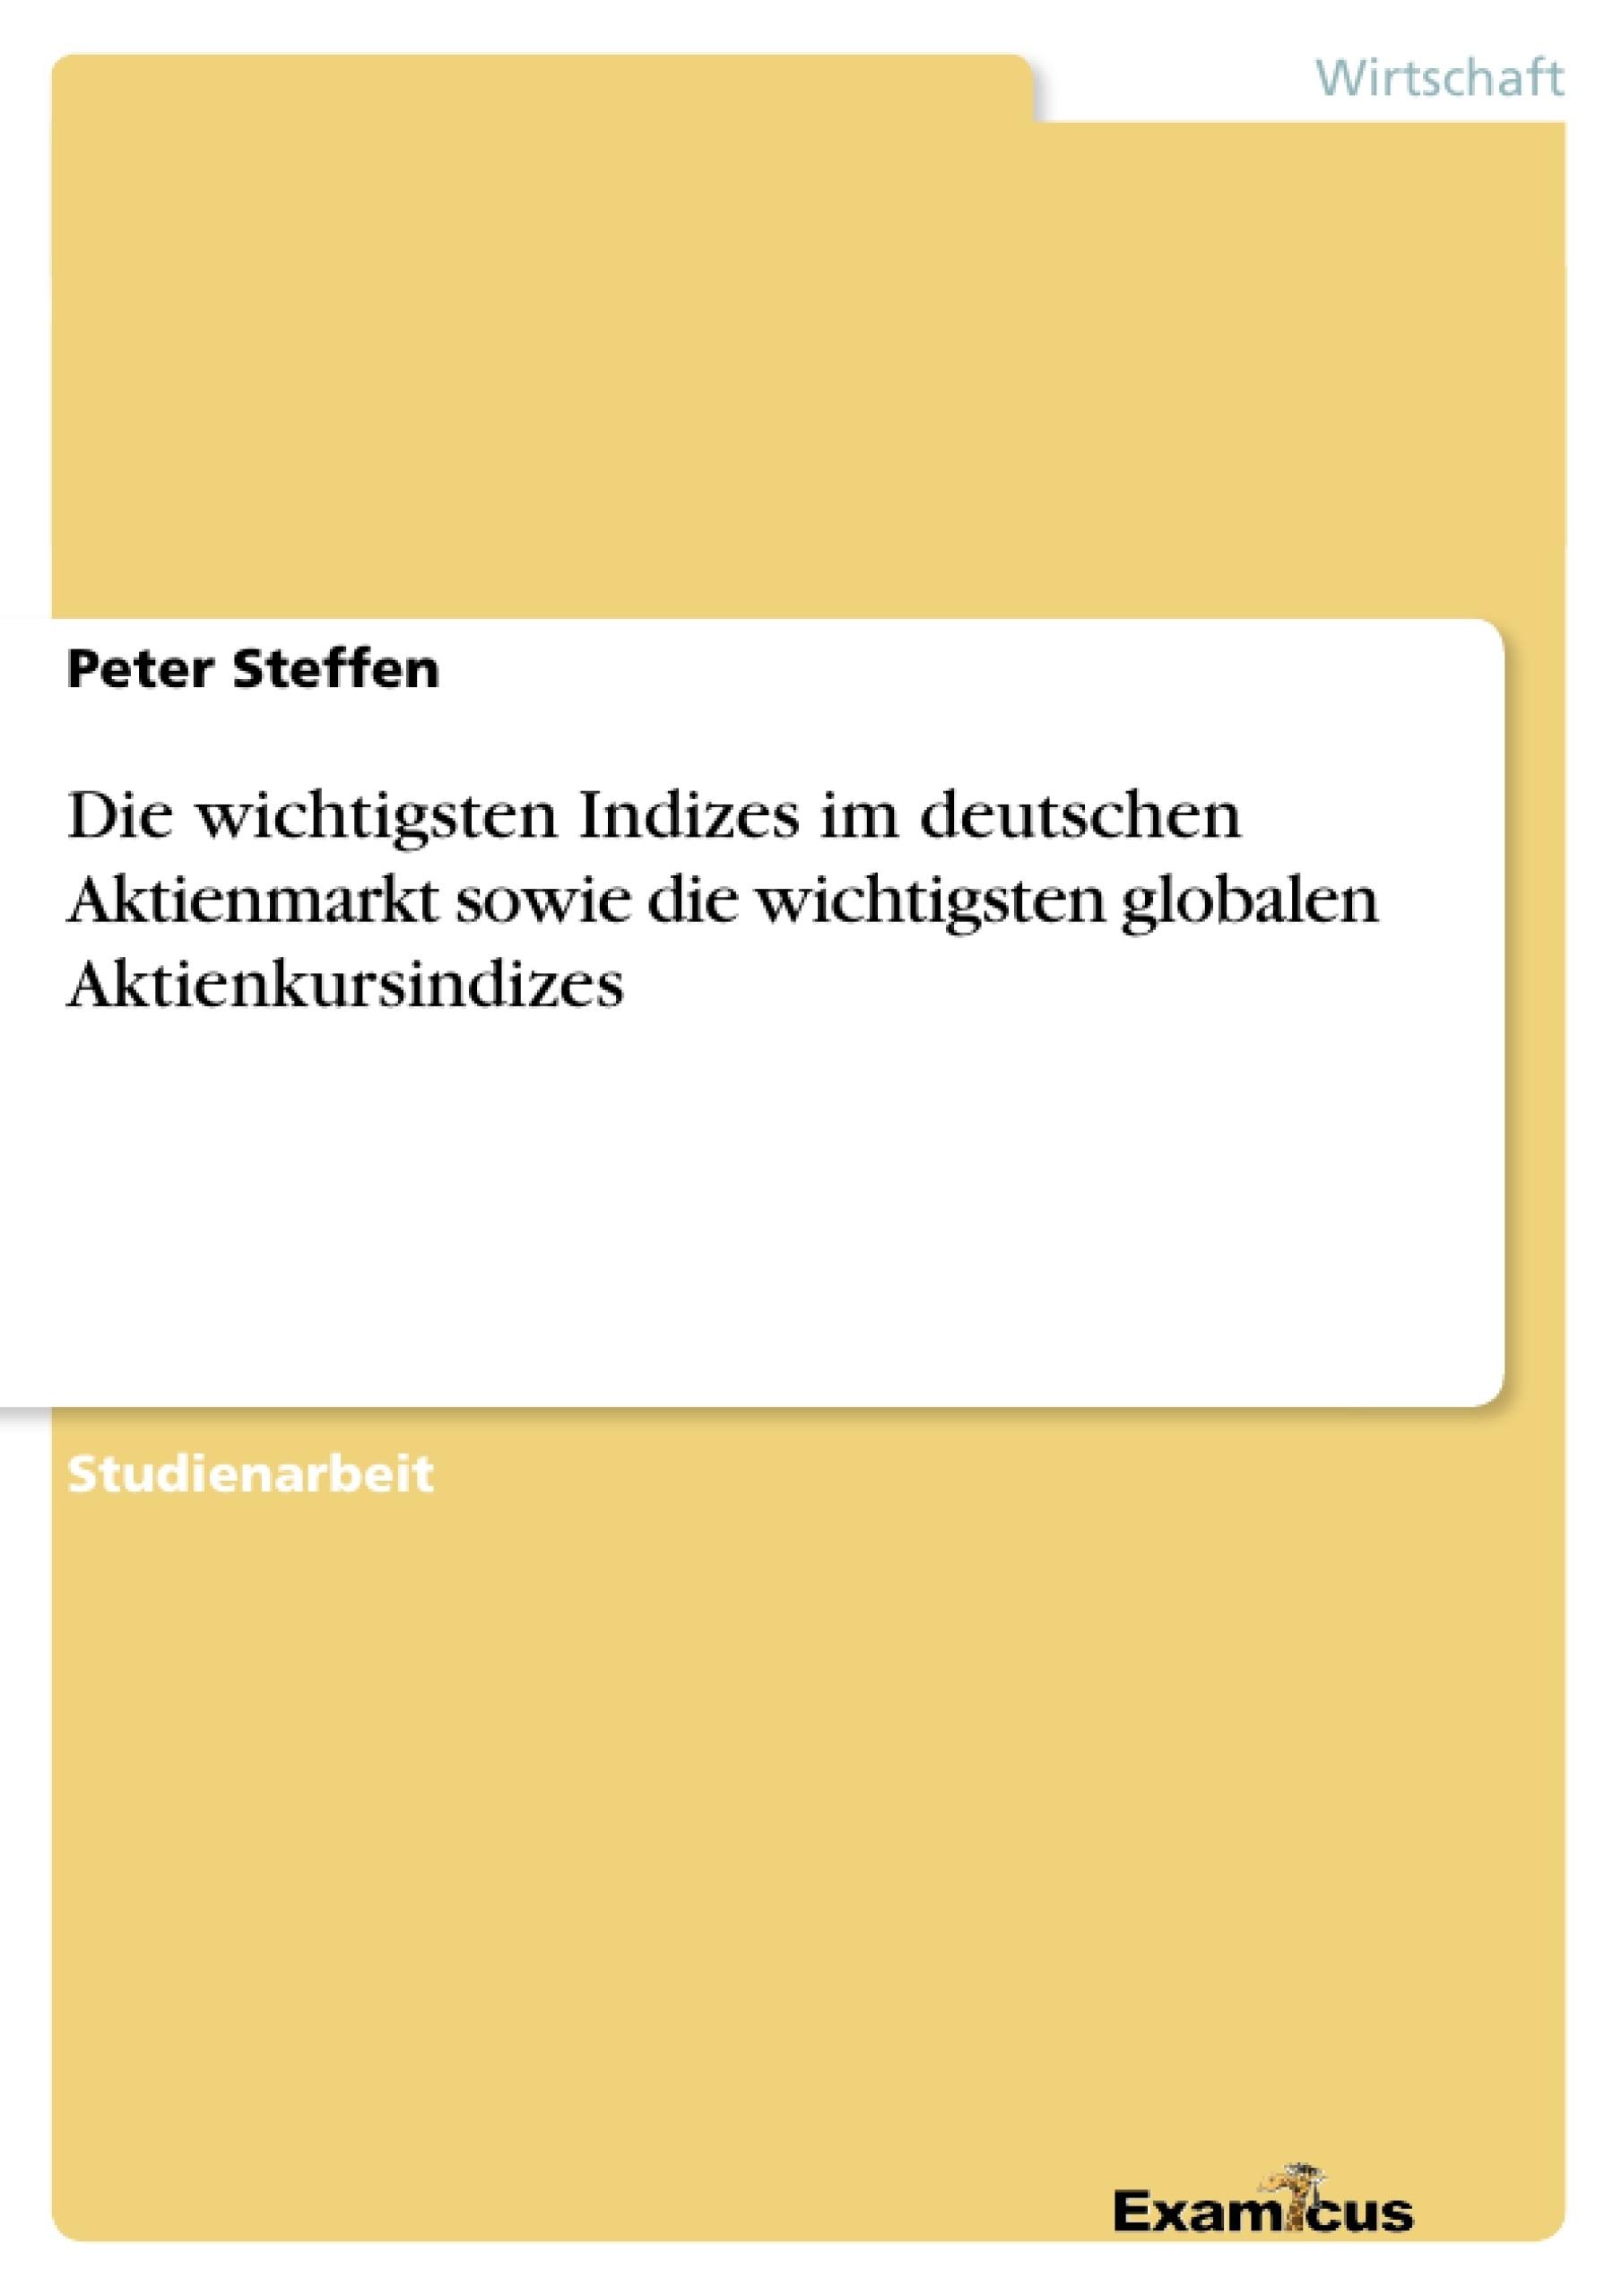 Titel: Die wichtigsten Indizes im deutschen Aktienmarkt sowie die wichtigsten globalen Aktienkursindizes